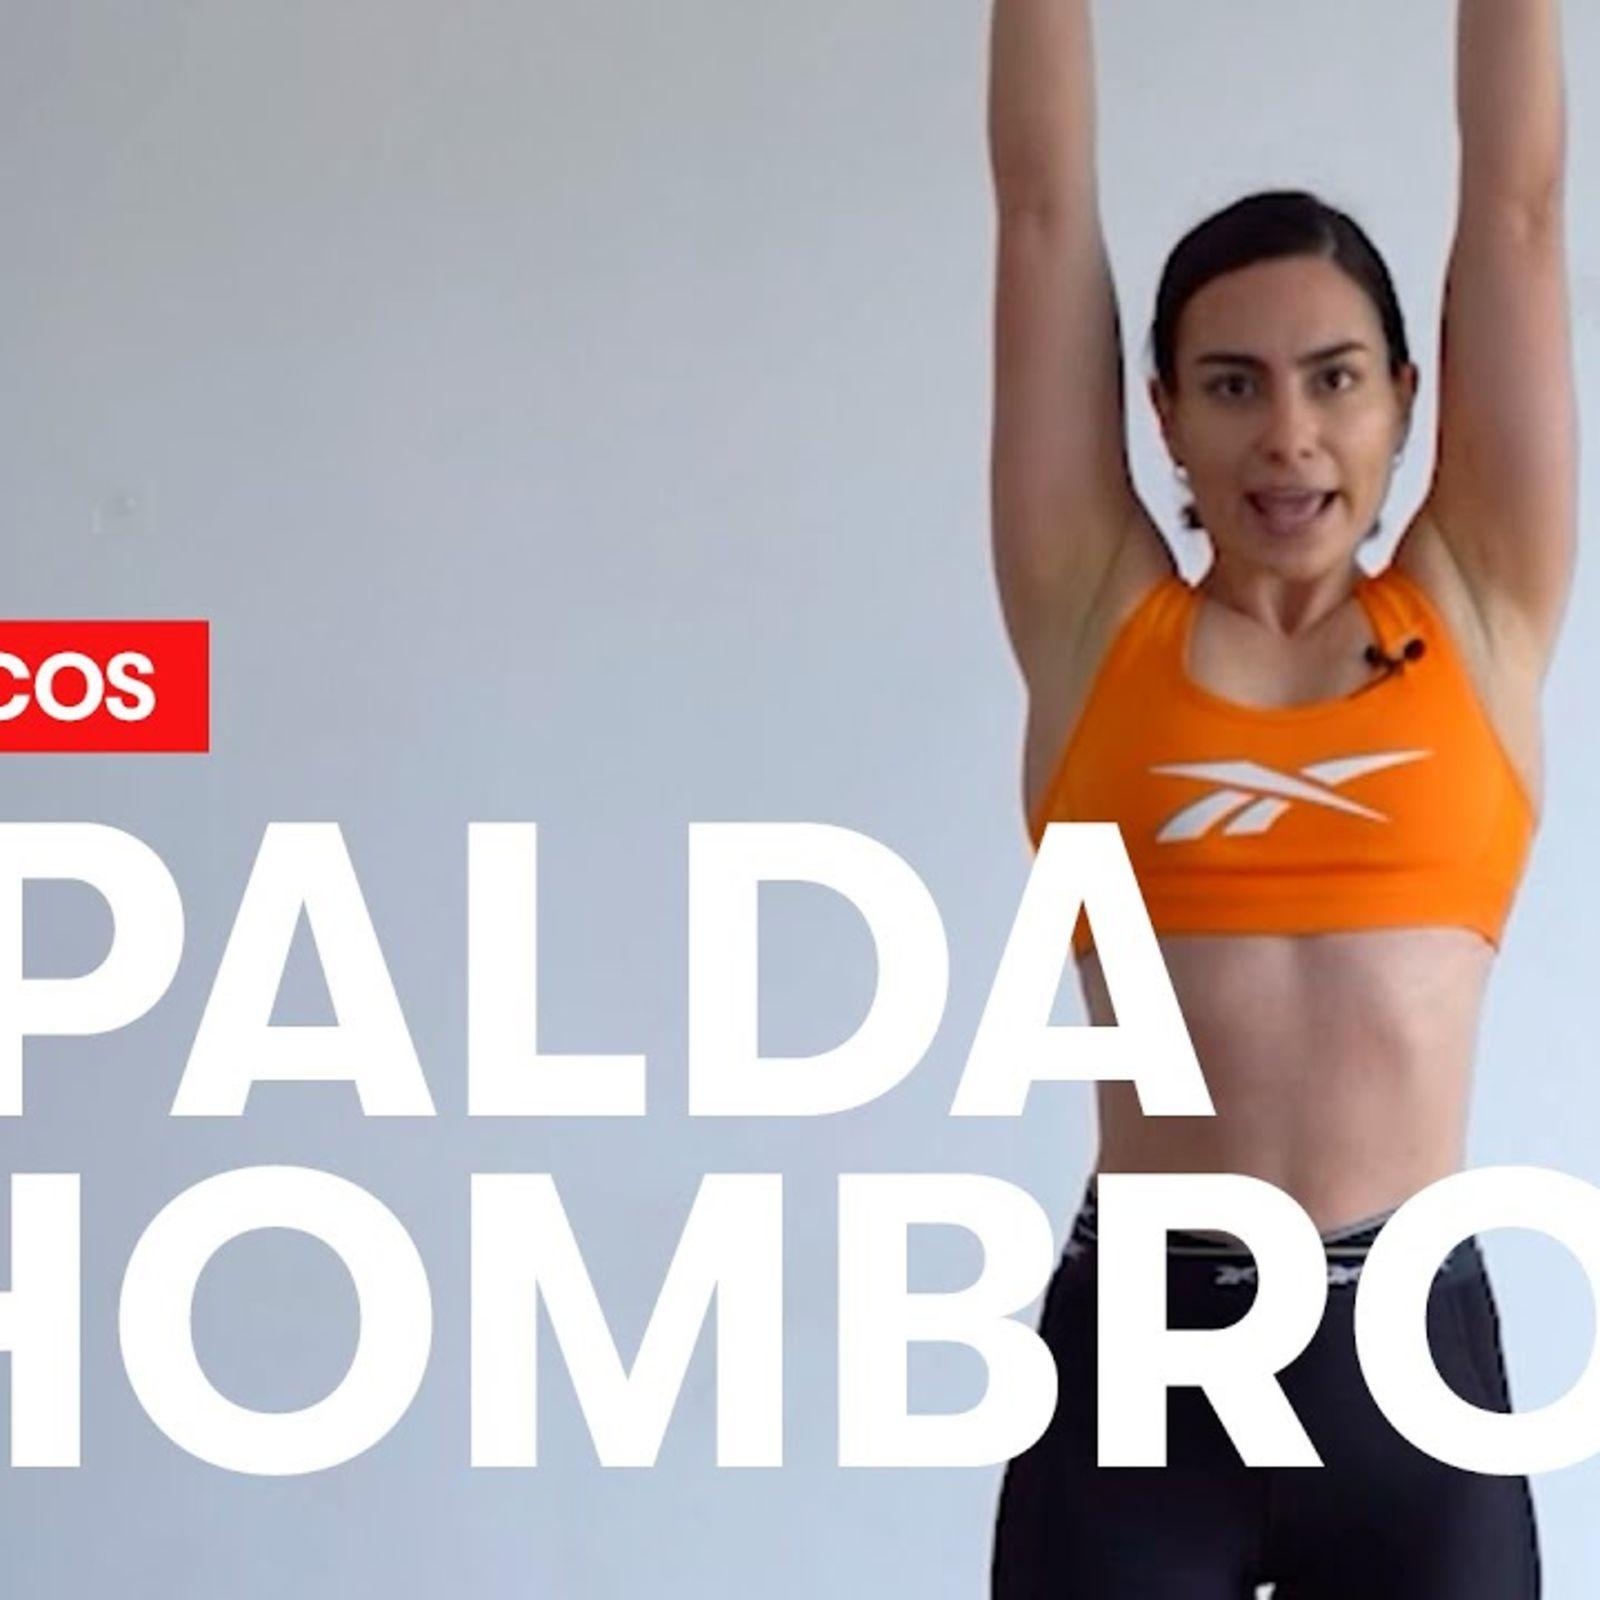 Entrena espalda y hombros con mancuernas | Musculocos